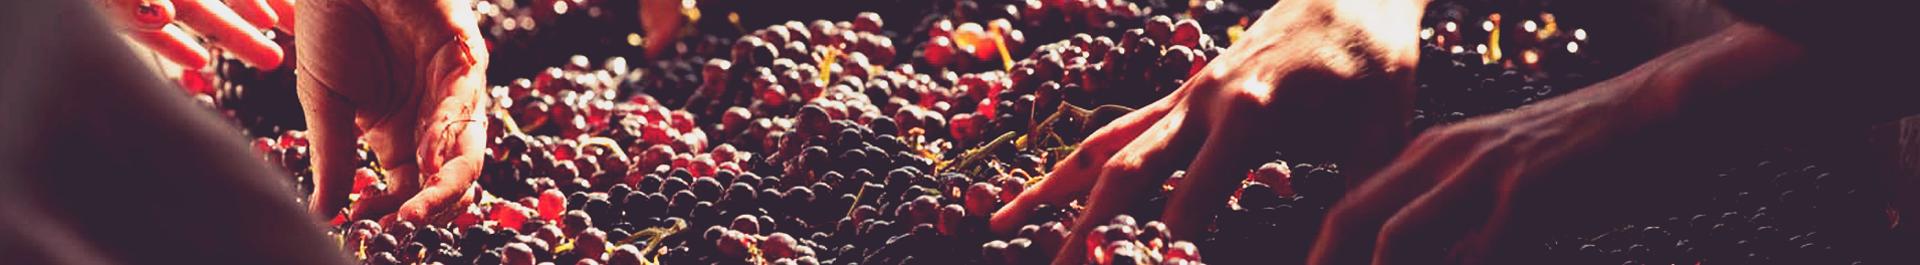 wines-11